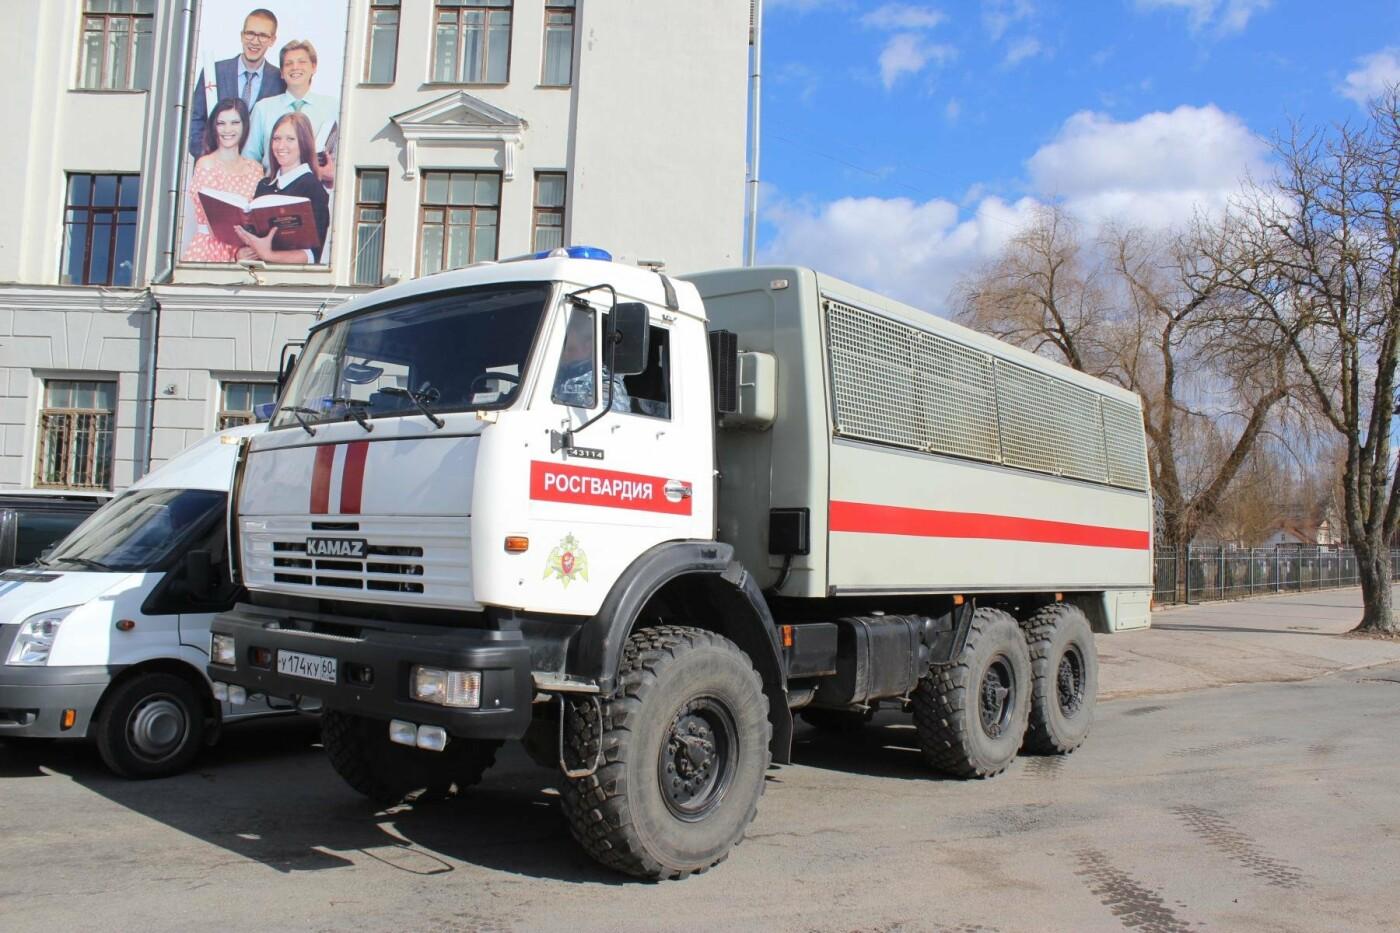 В Пскове состоялся гарнизонный развод нарядов Росгвардии, заступающих на службу по охране общественного порядка, фото-2